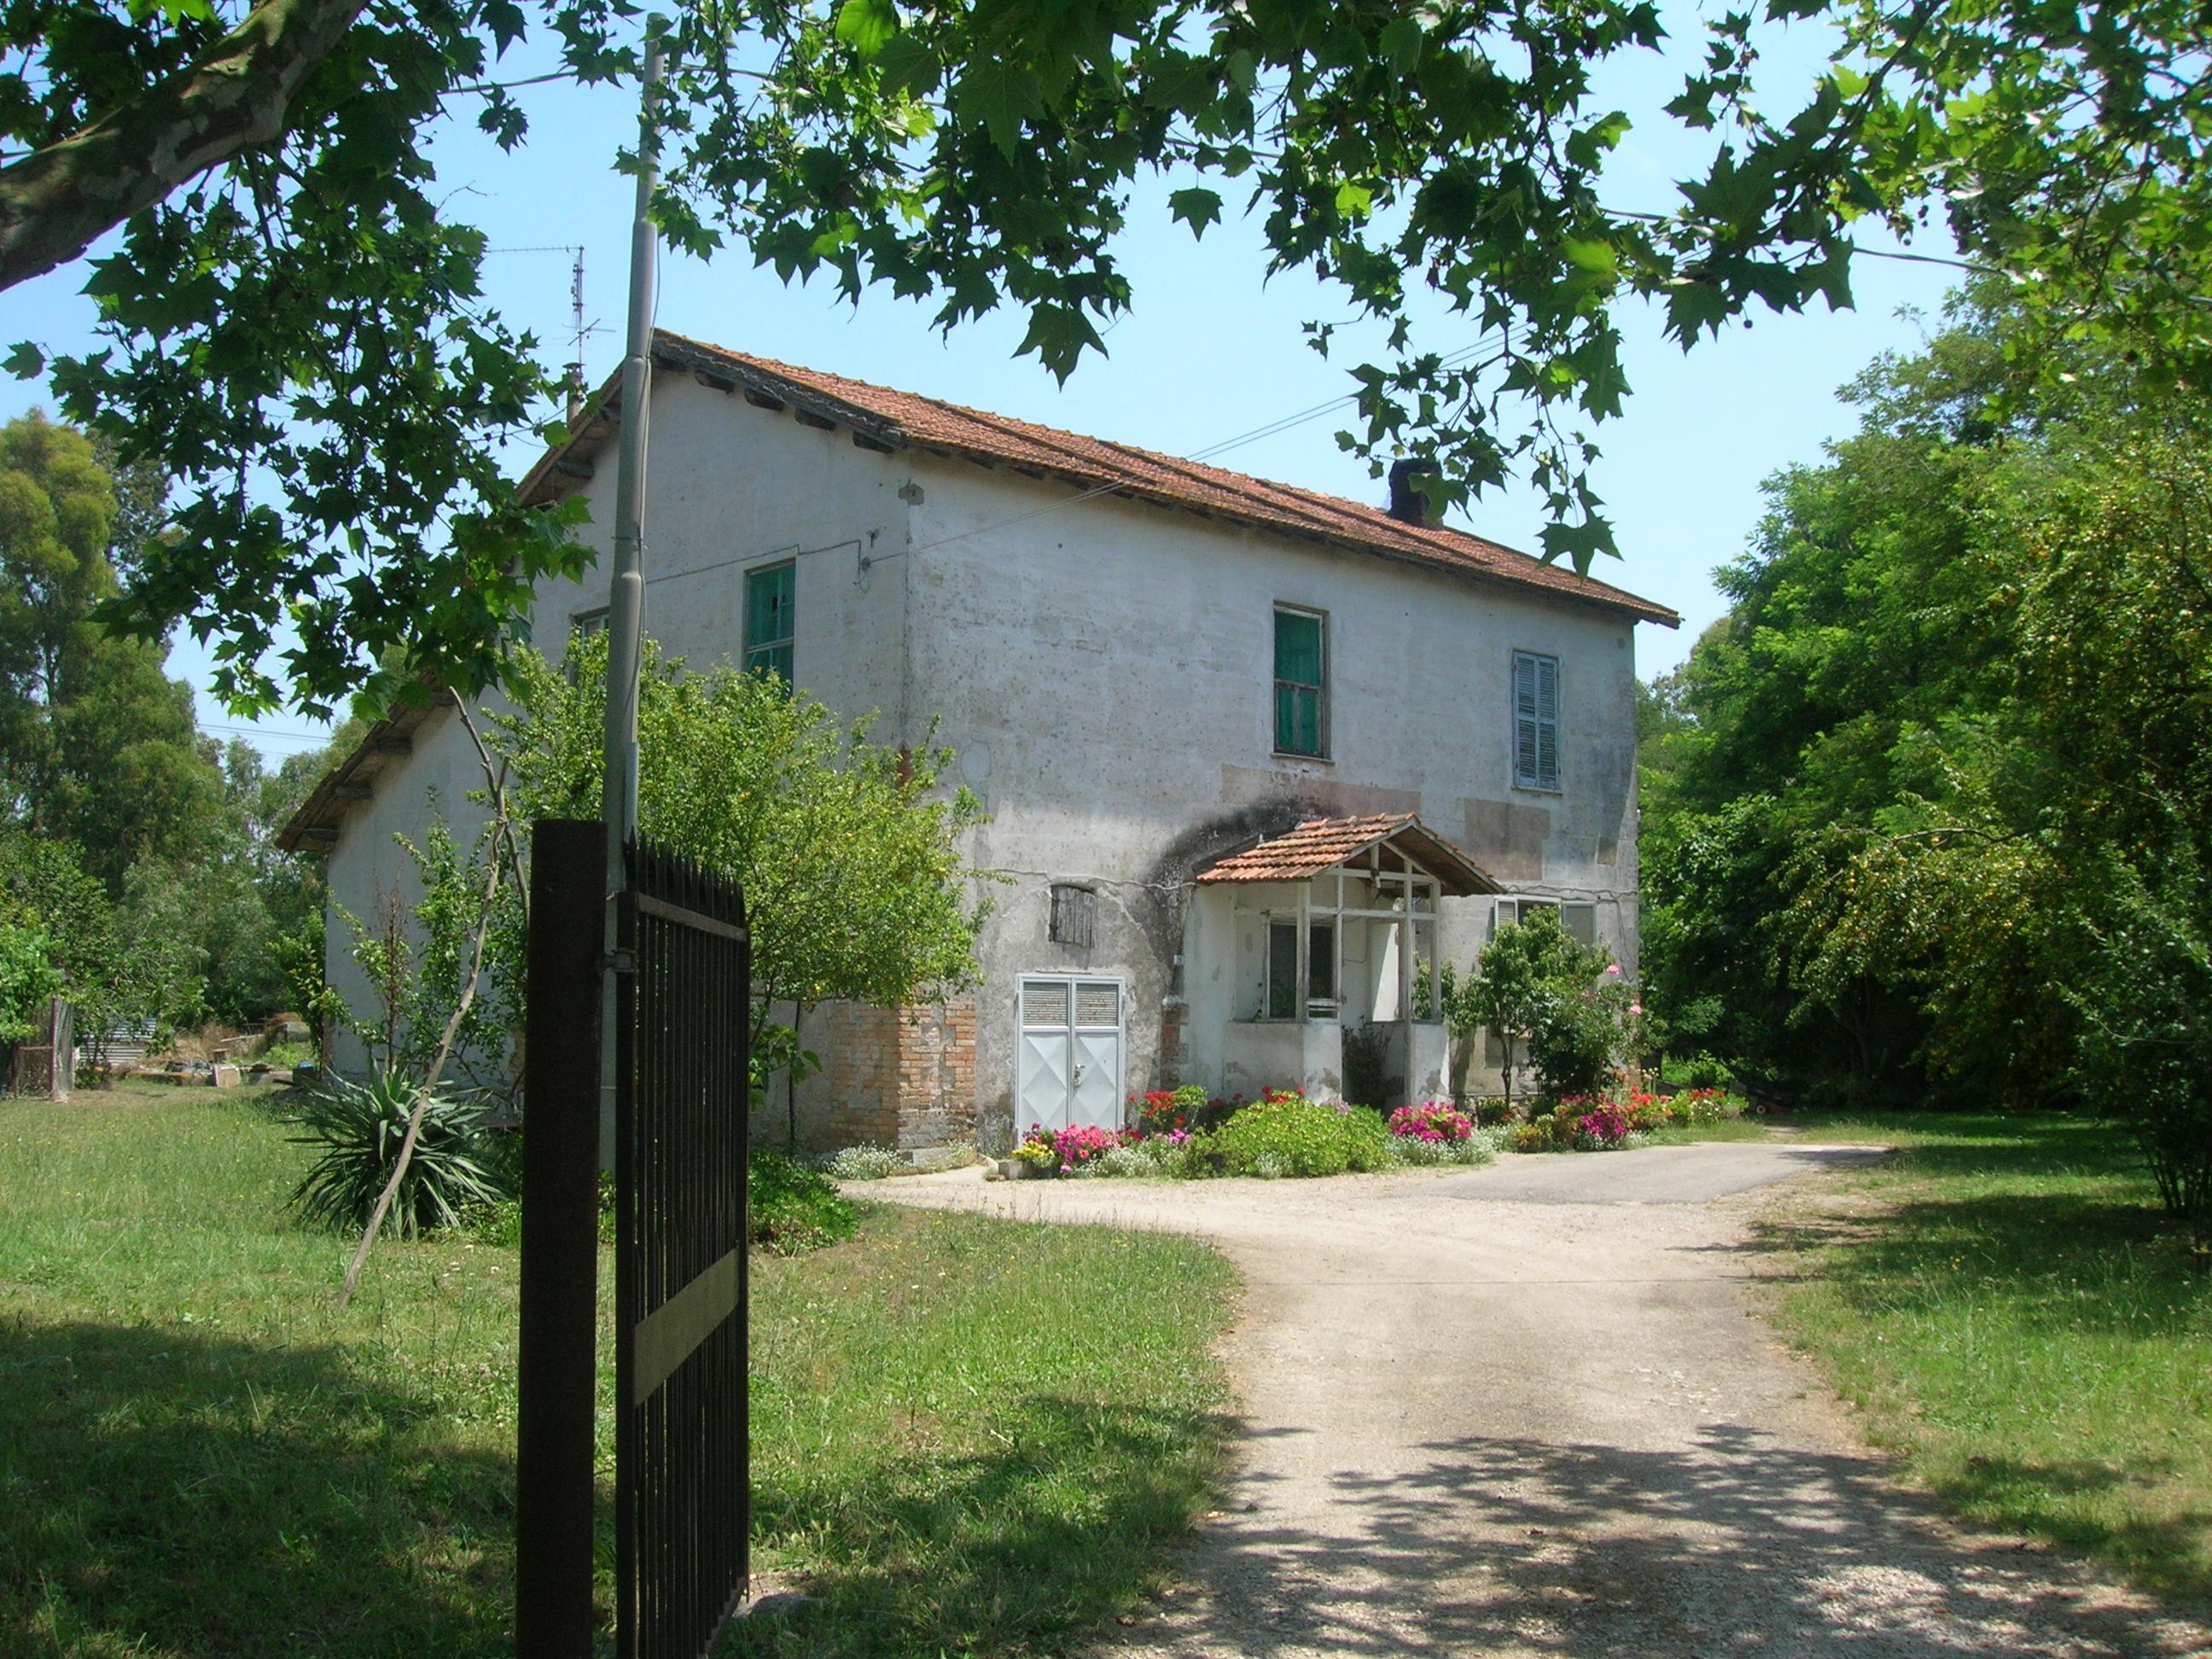 Le case coloniche color celeste dei savoia dell agro for Tipi di case in italia